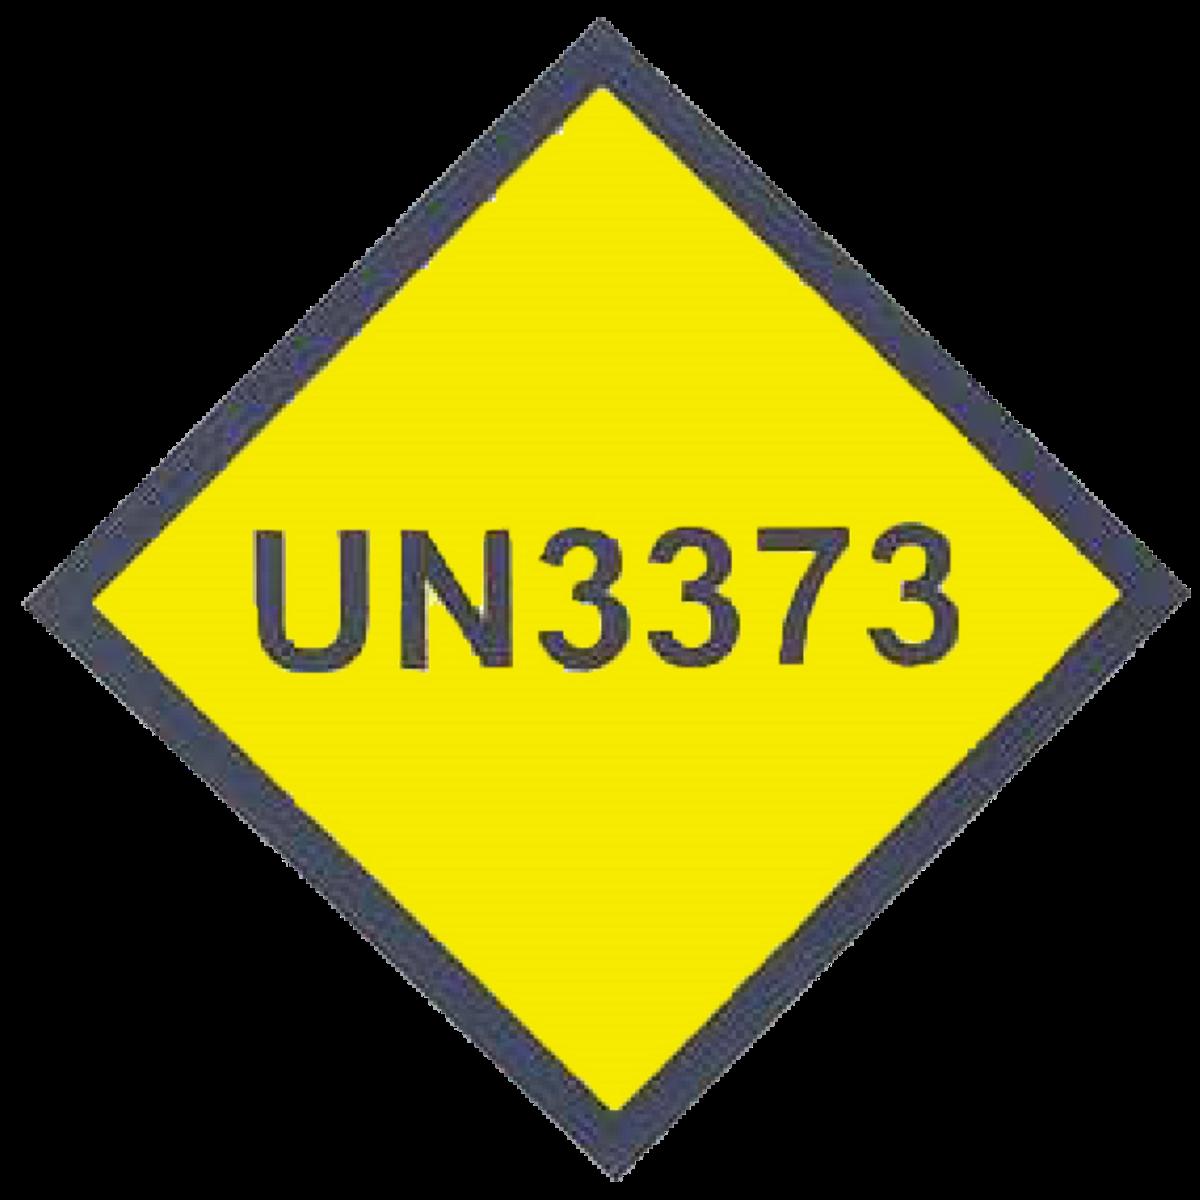 UN3373 logo